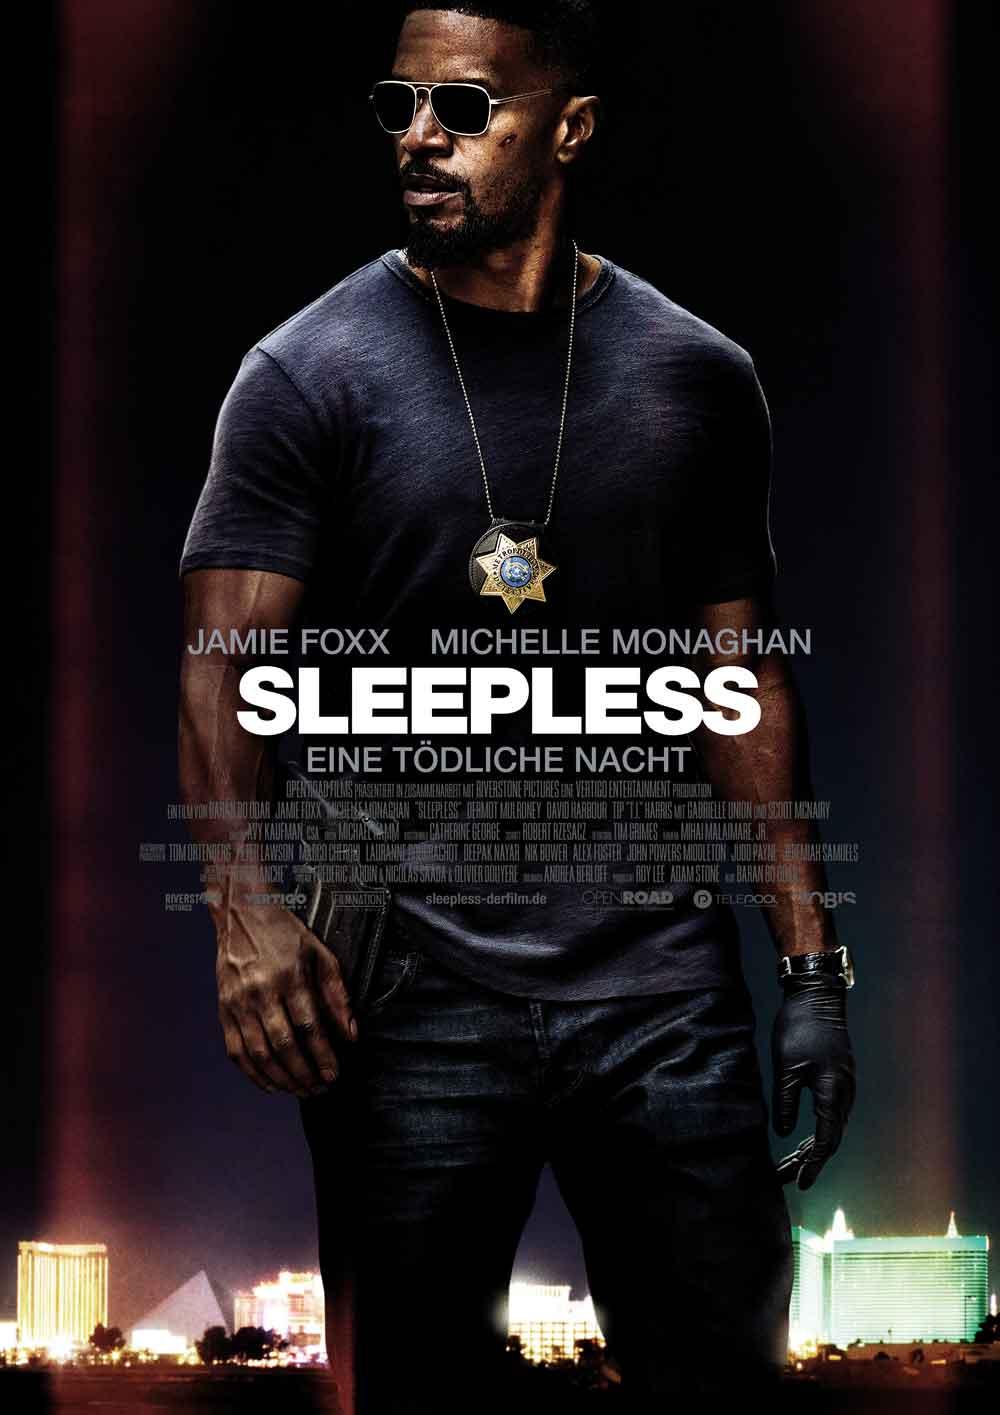 Sleepless - Eine tödliche Nacht | Robots & Dragons